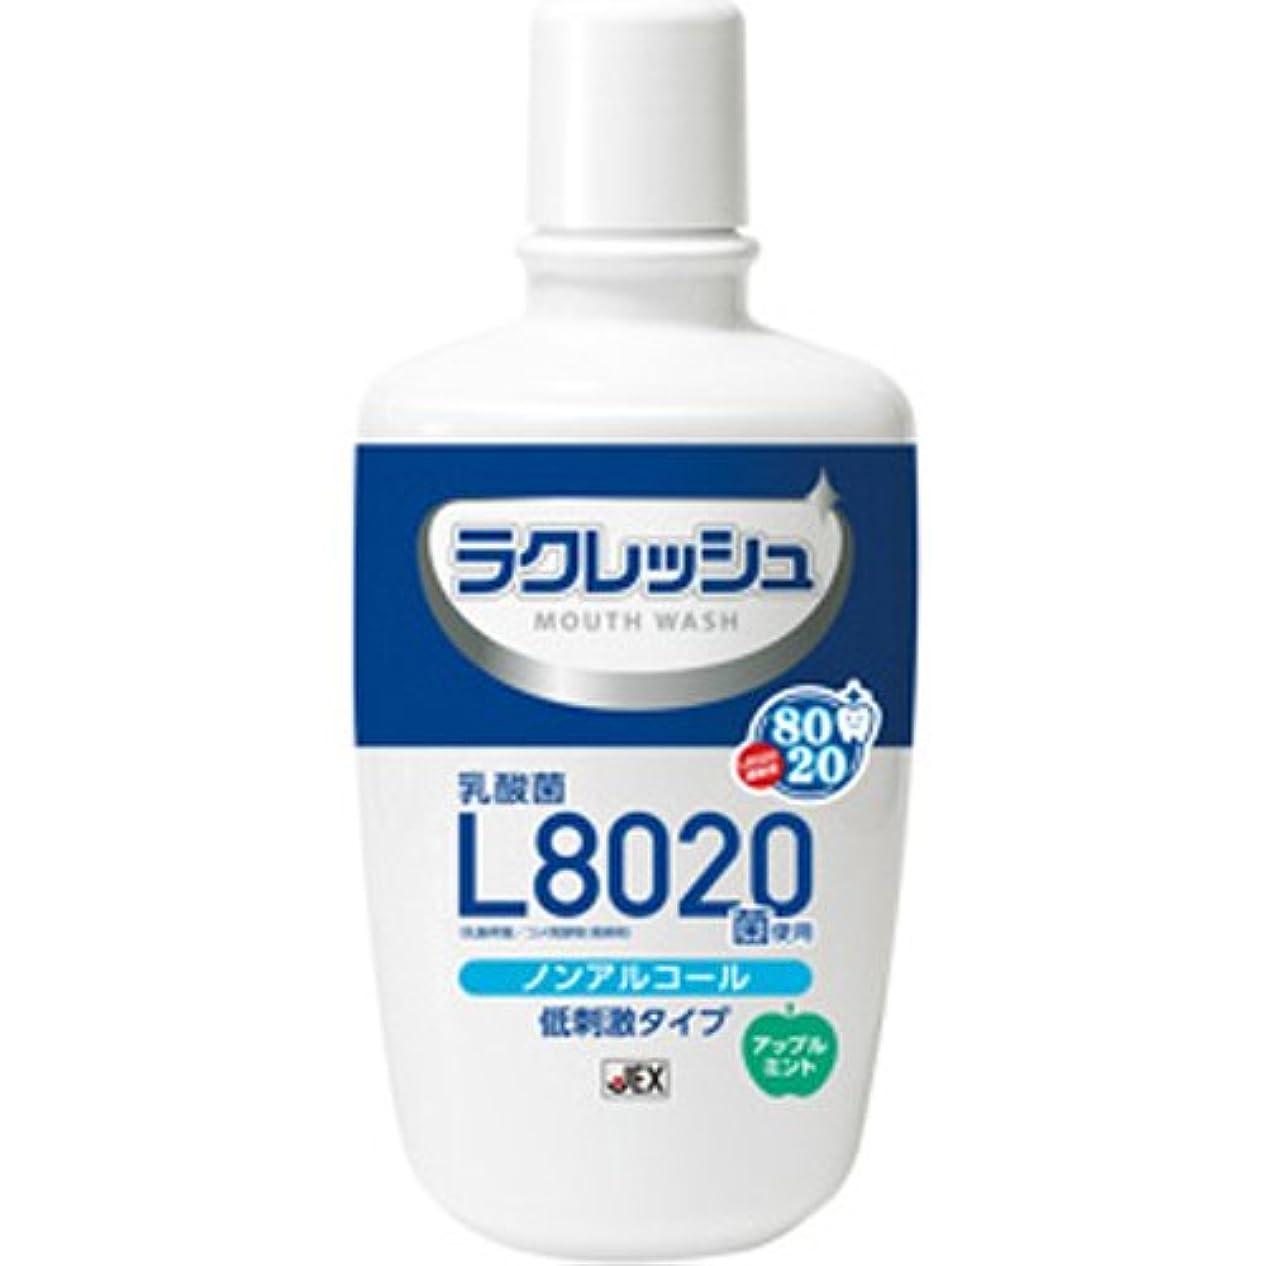 過ち元の皿ラクレッシュ L8020菌入 マウスウォッシュ × 10個セット